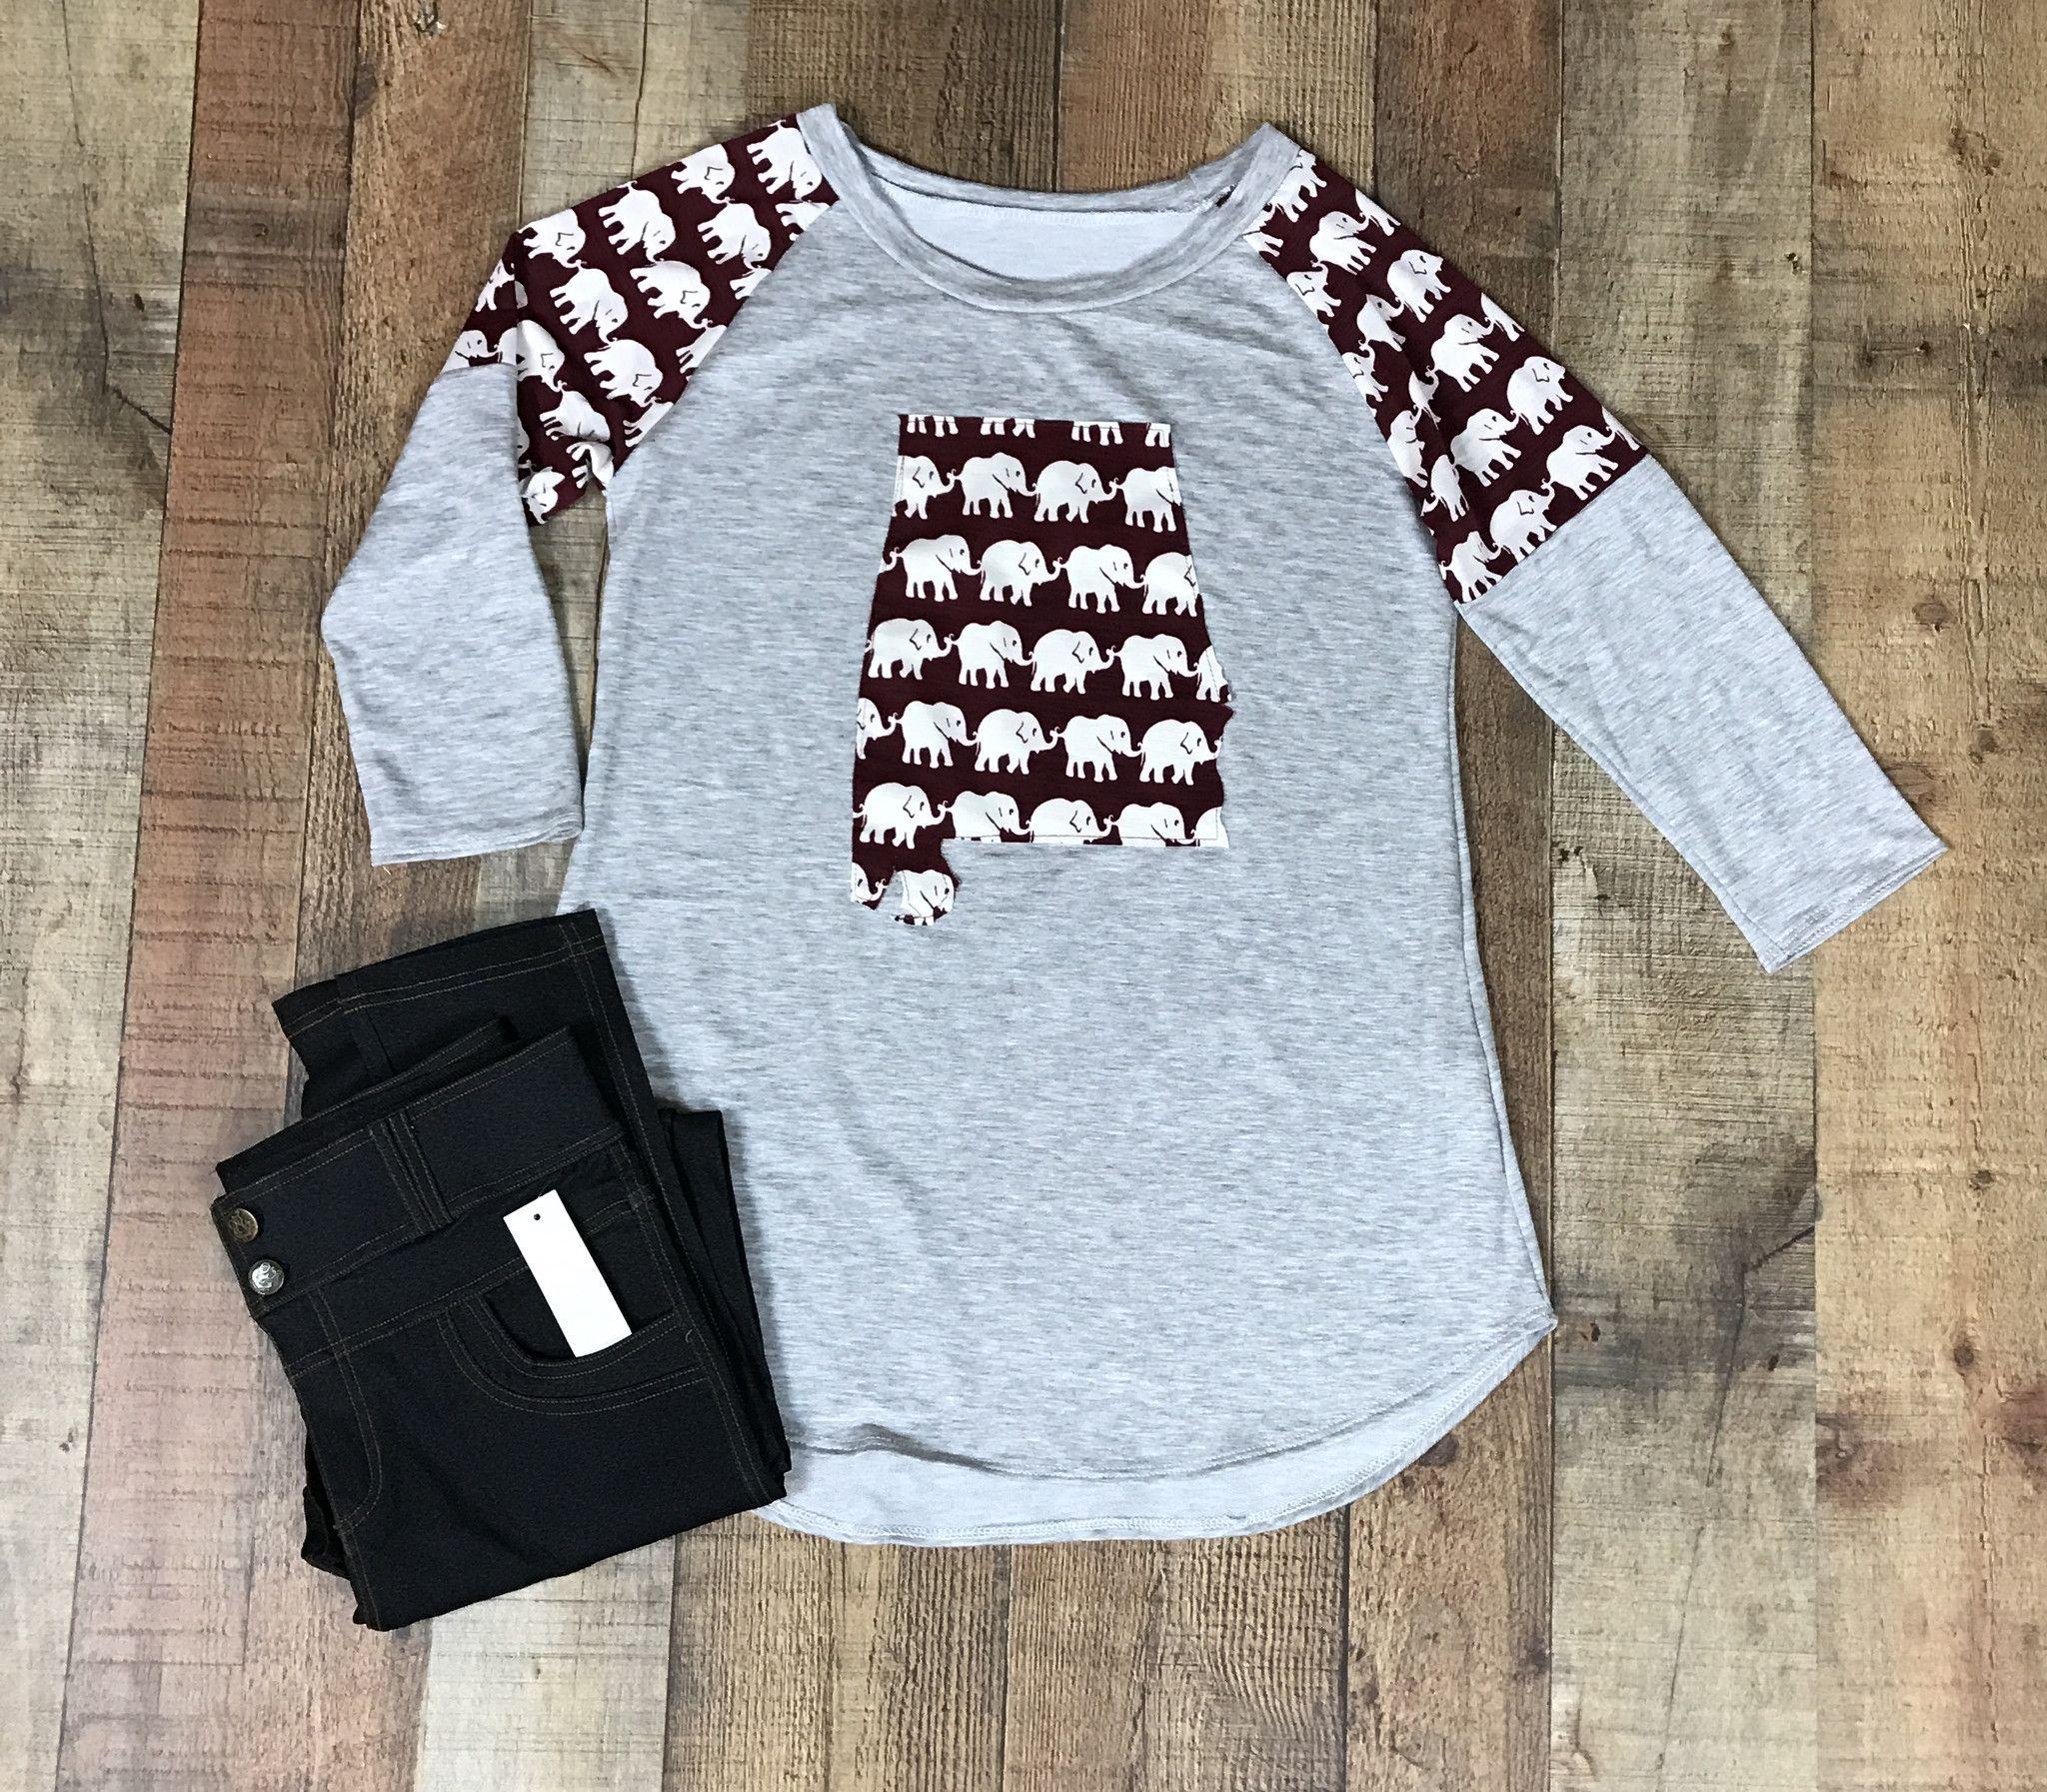 Alabama knit top